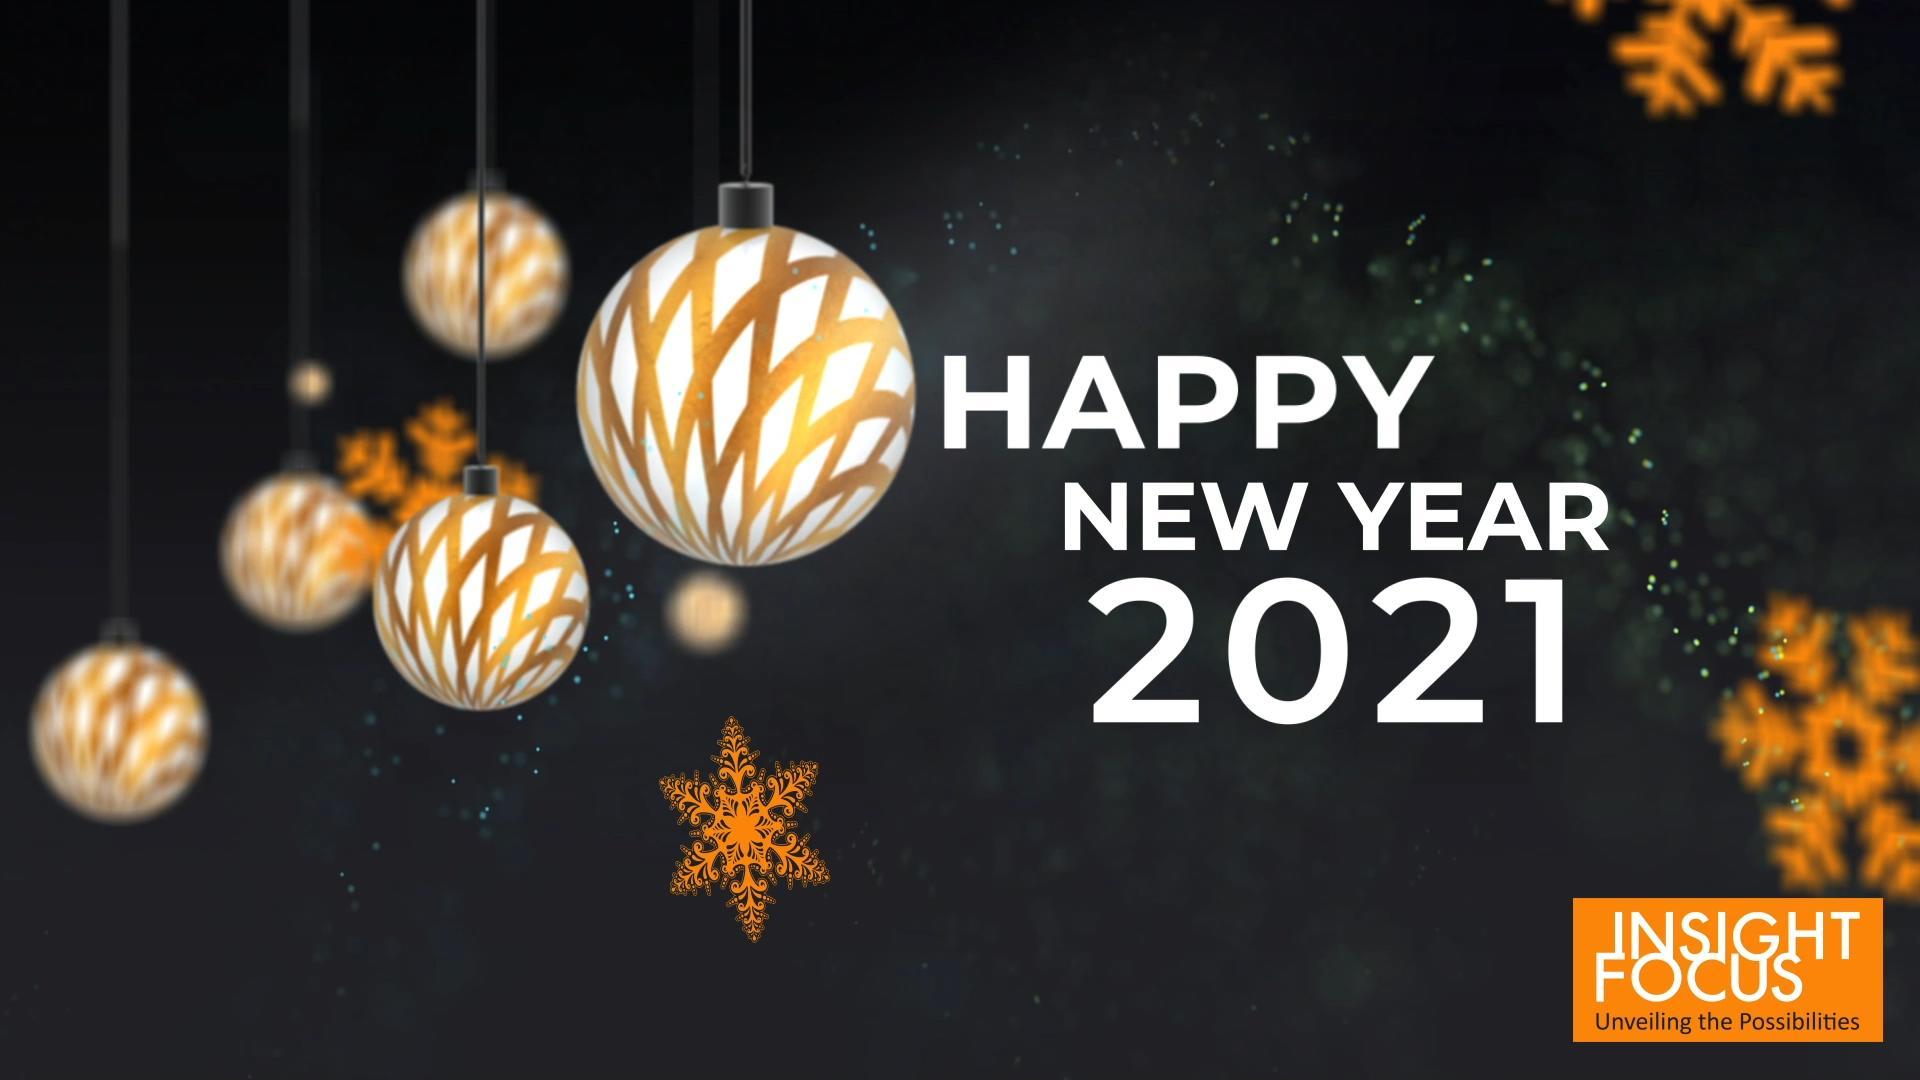 告别2020,迈向美好的2021年!